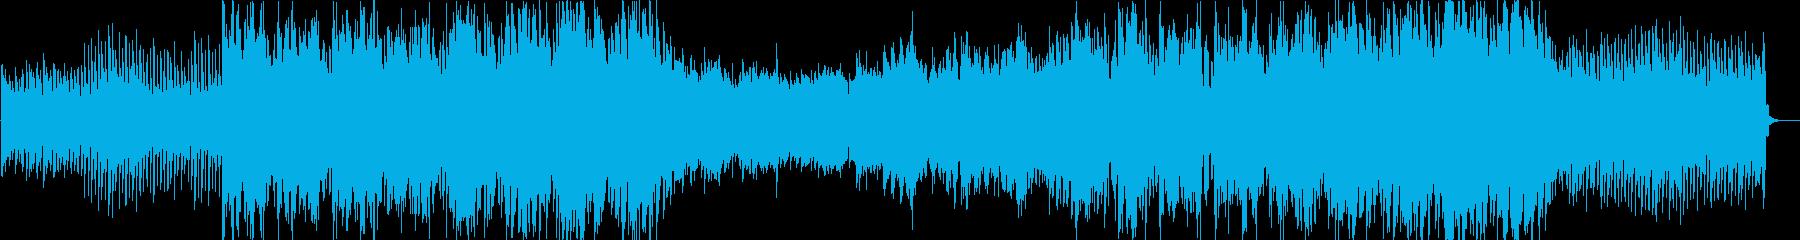 アンビエント系エレクトロニカの再生済みの波形